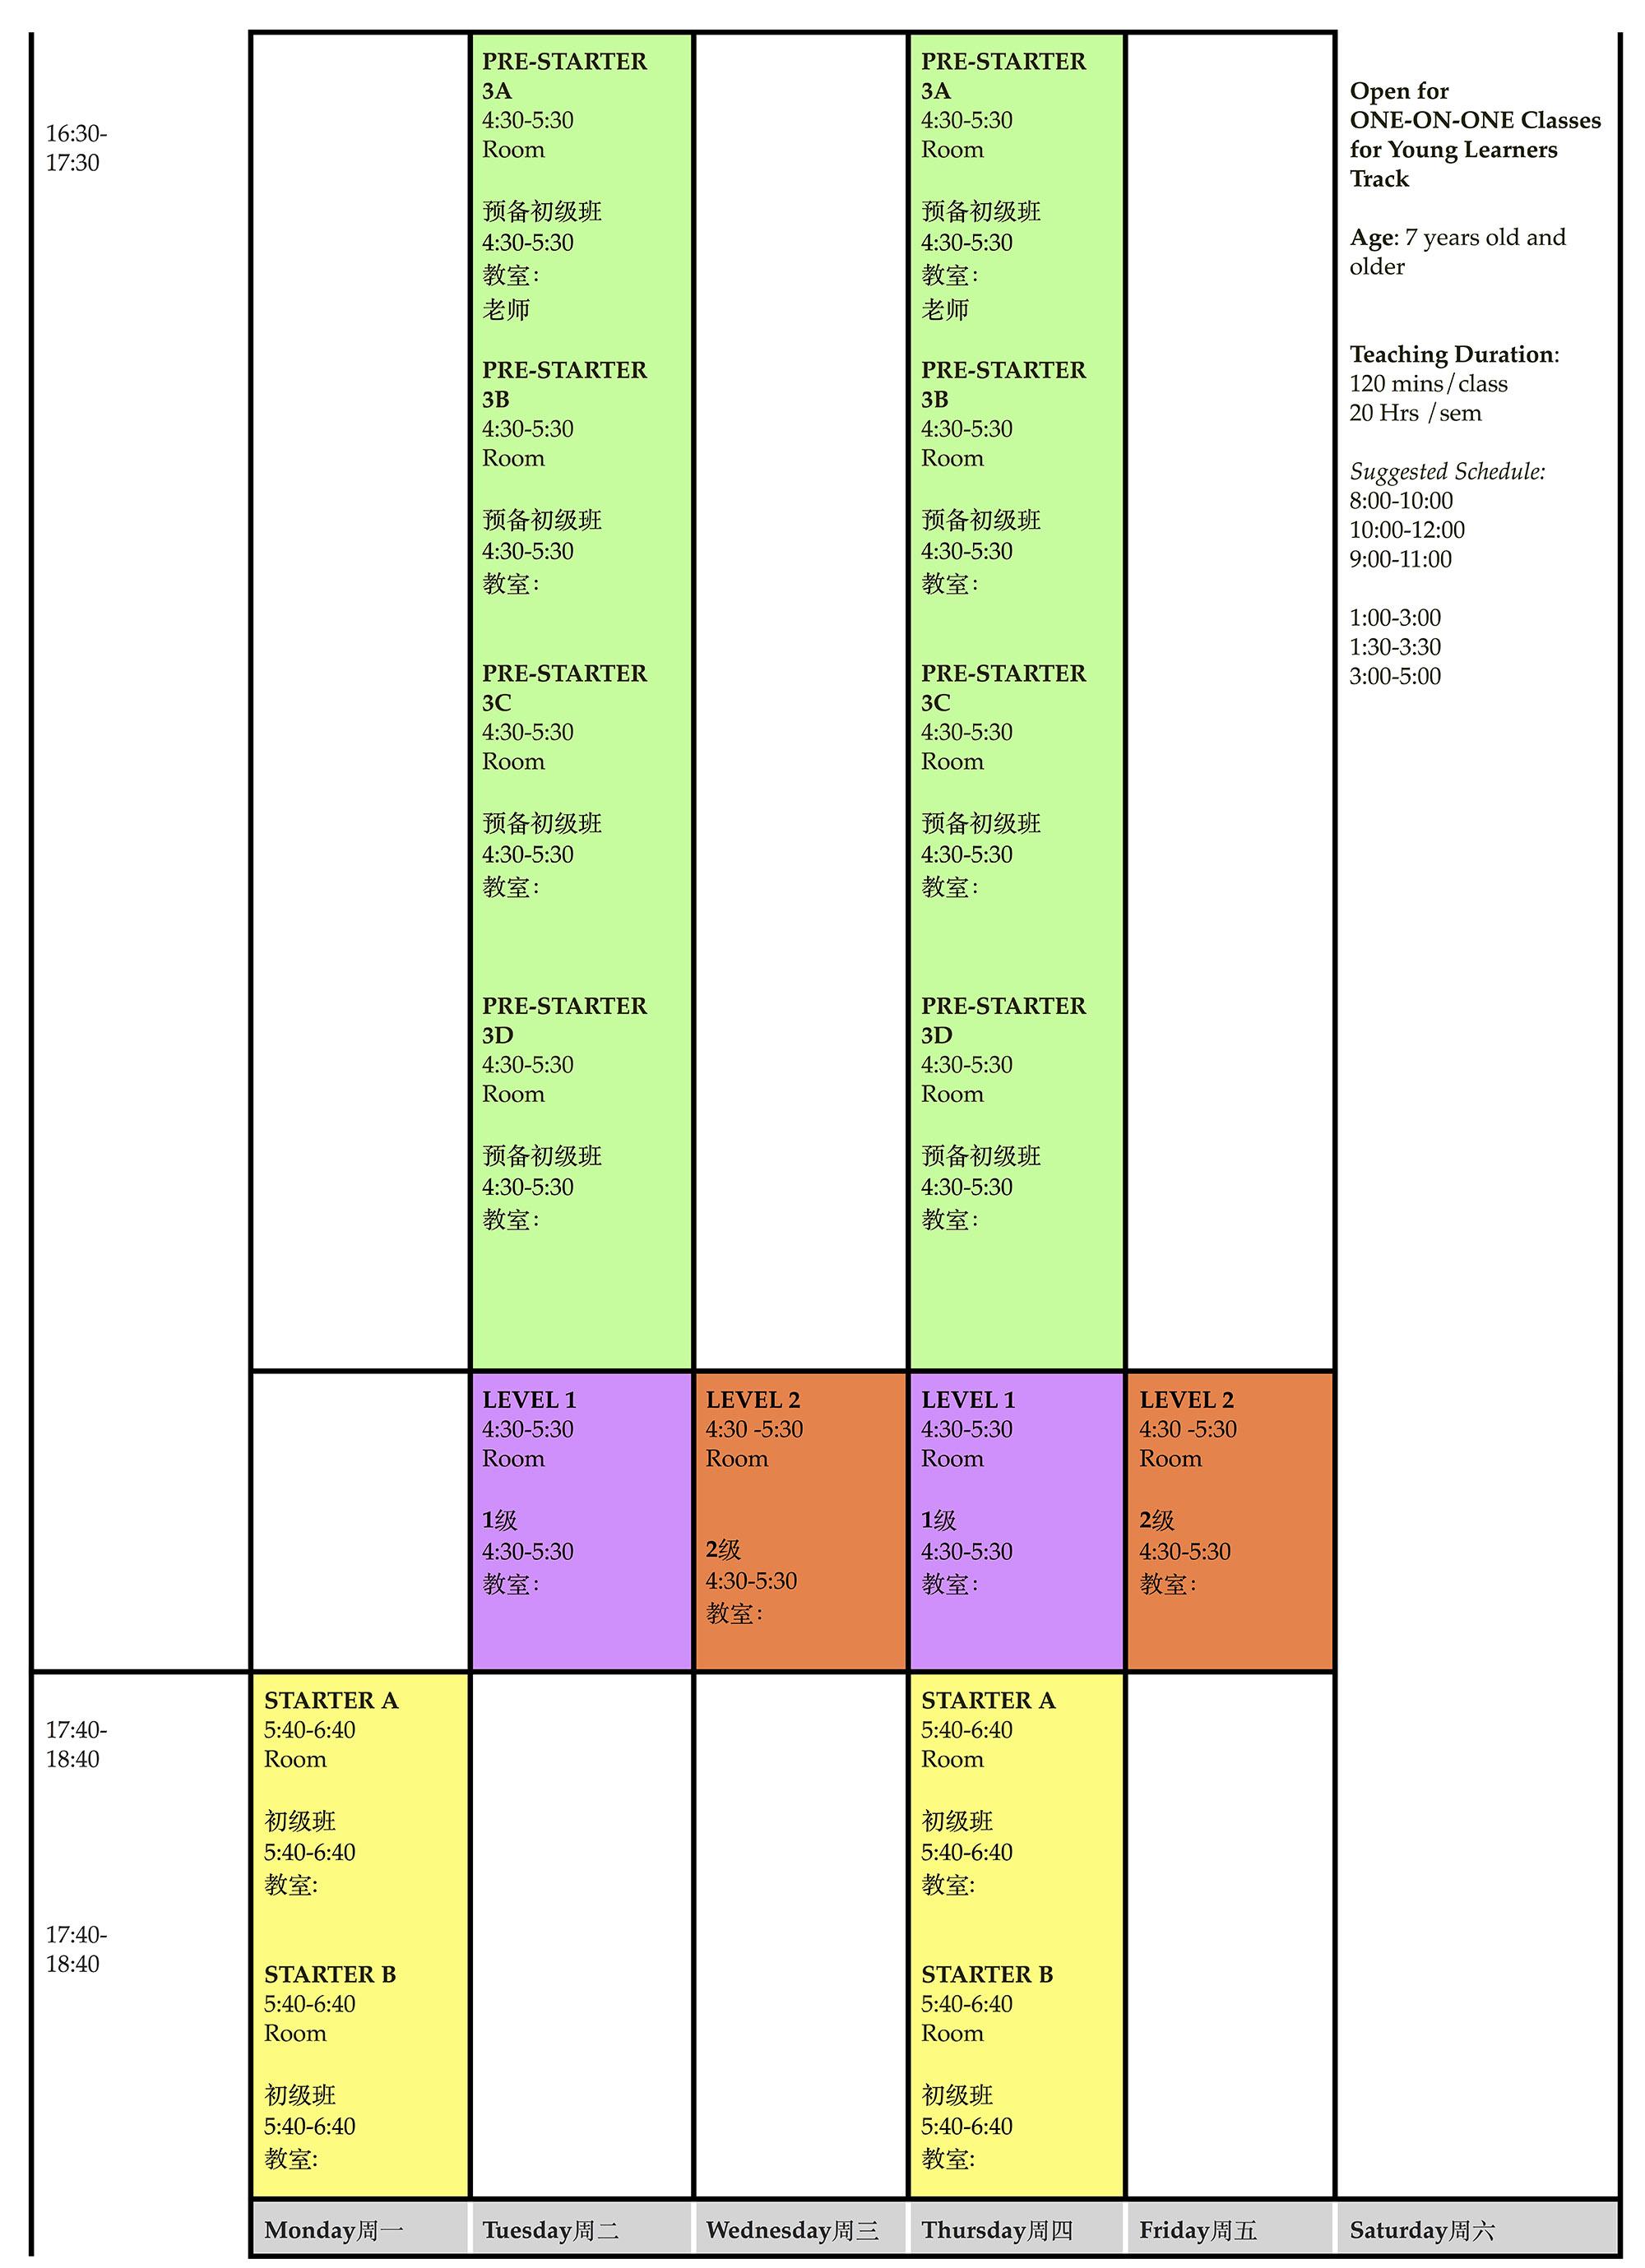 ELS Schedule in numbers file3.jpg